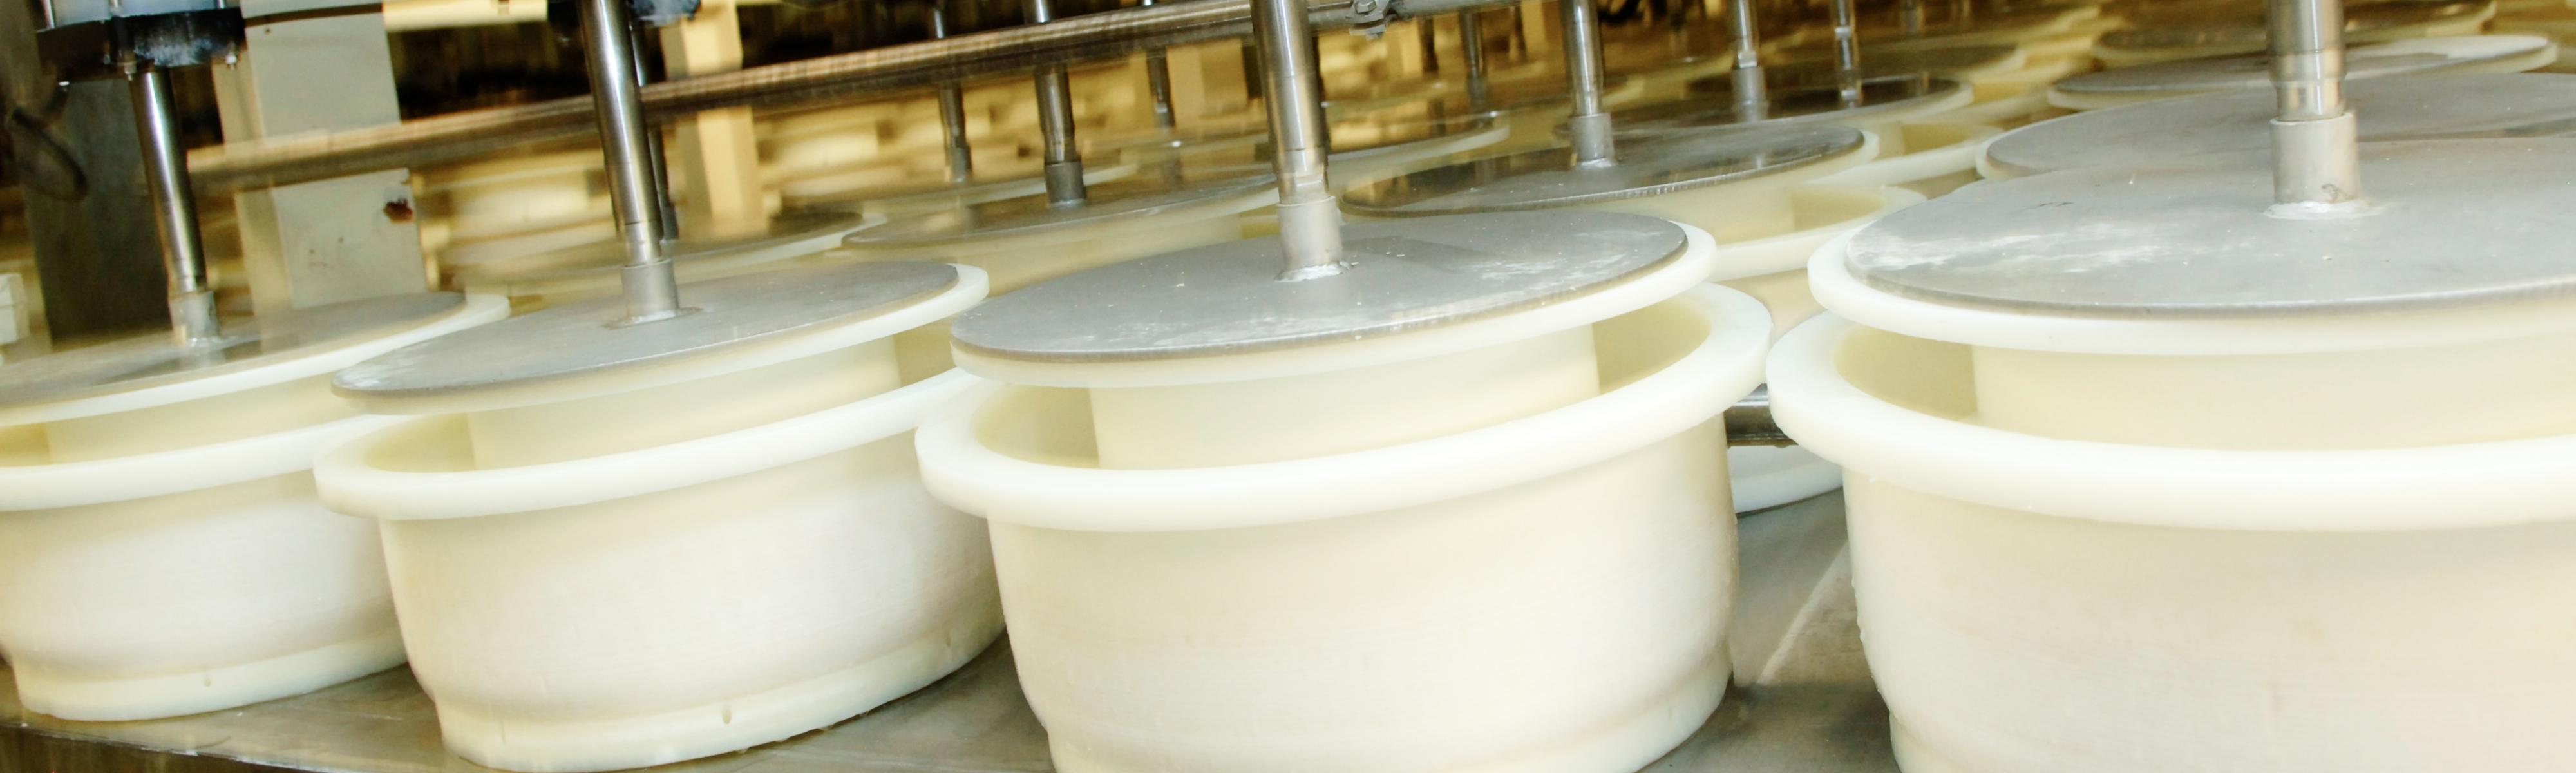 Kaas maken in de kaasfabriek